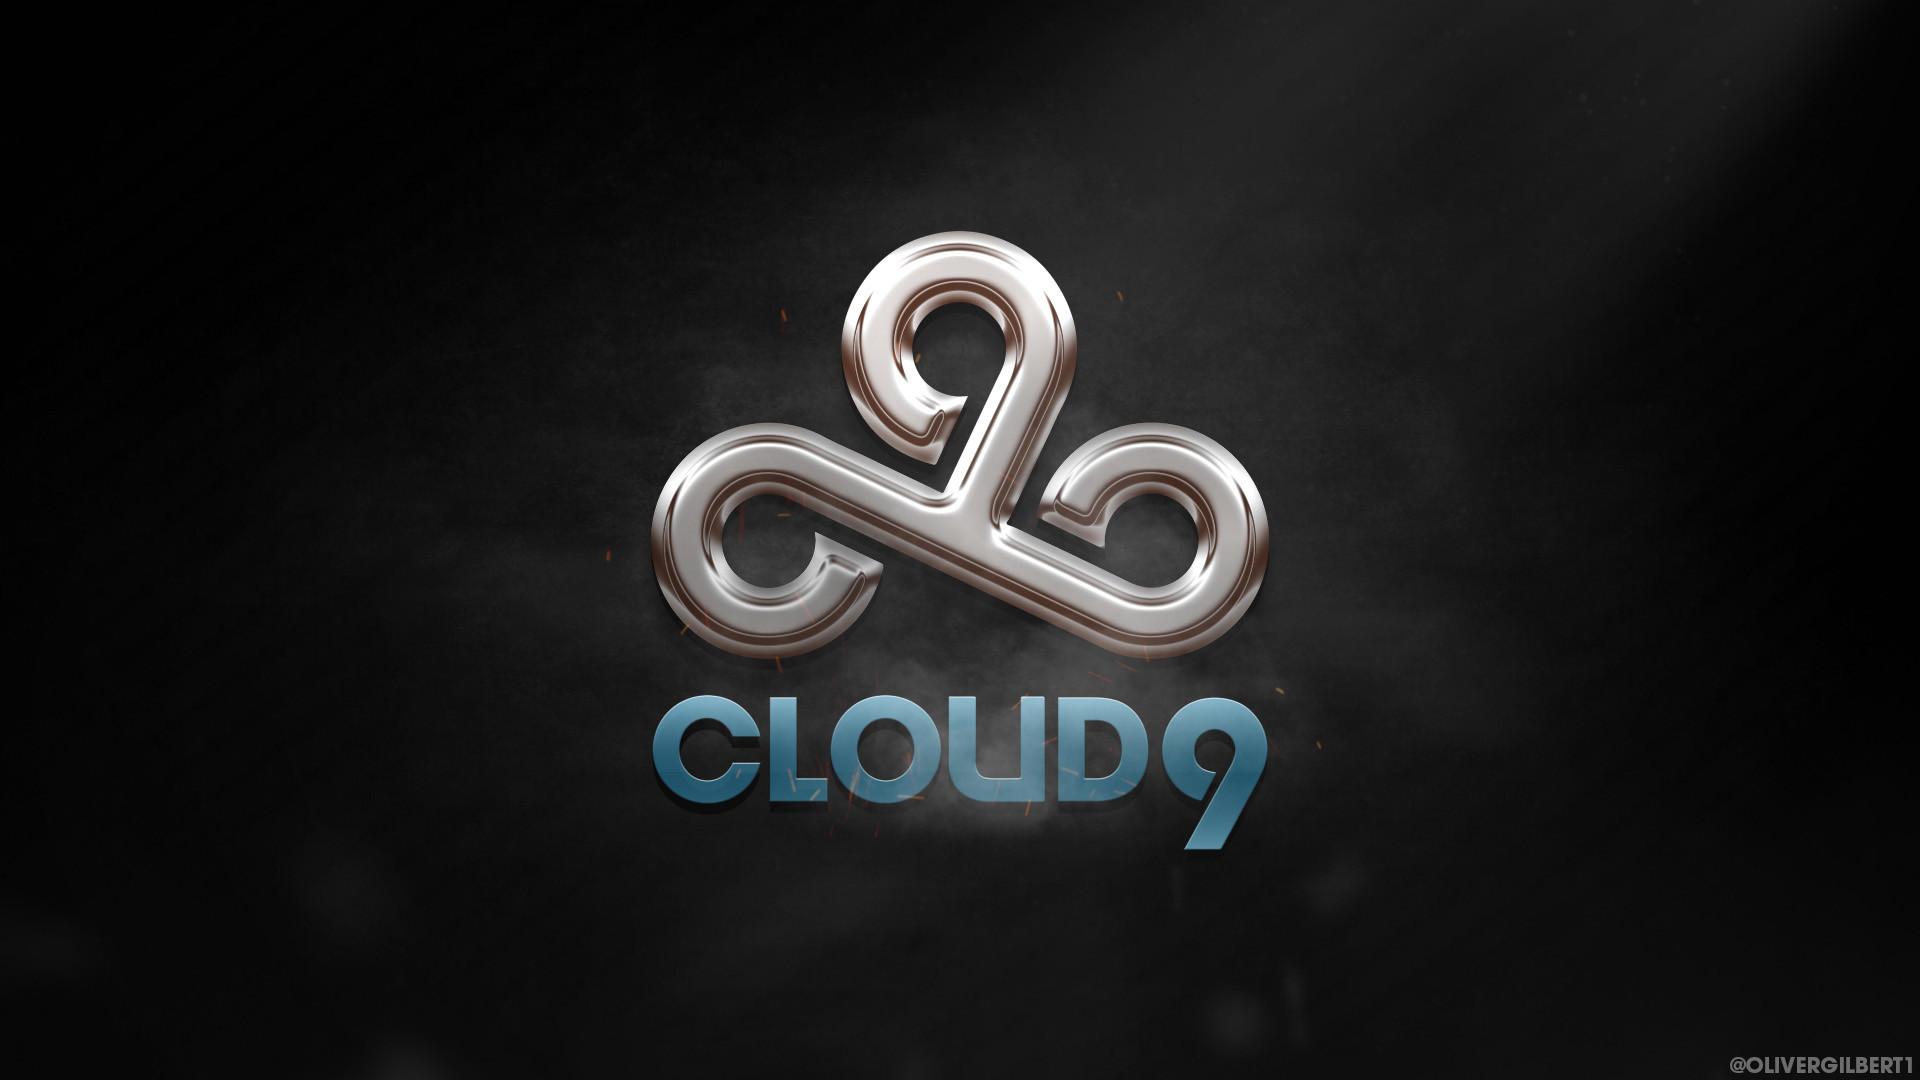 Cloud9 Wallpapers